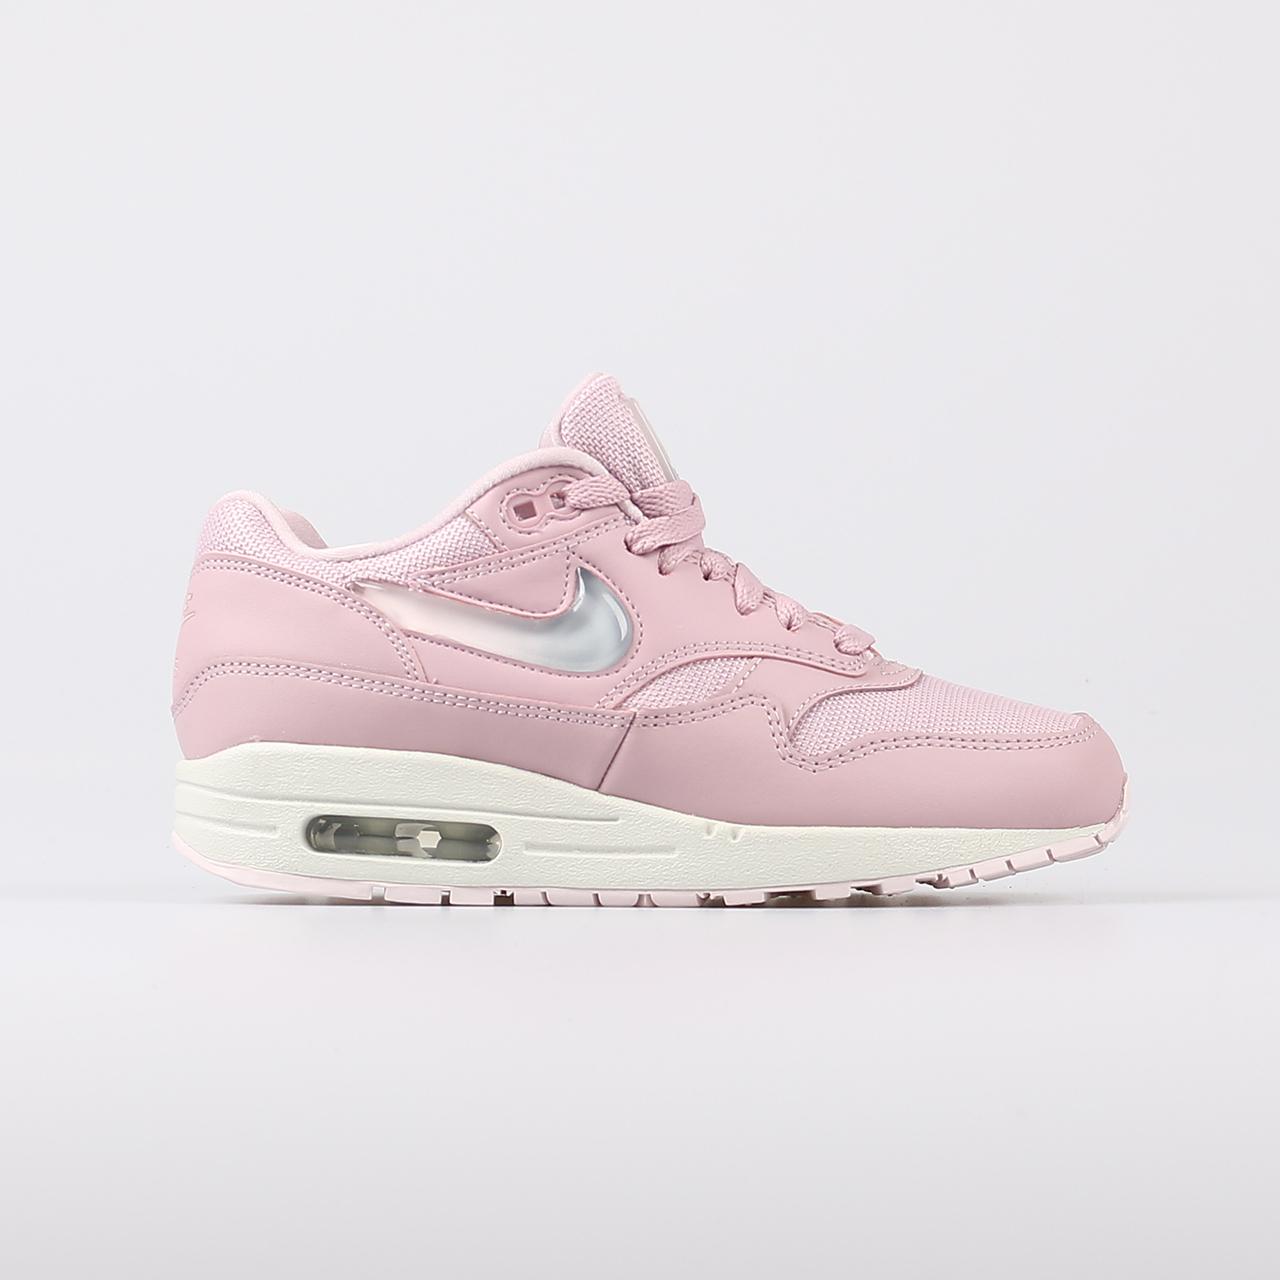 nike air max dames pink